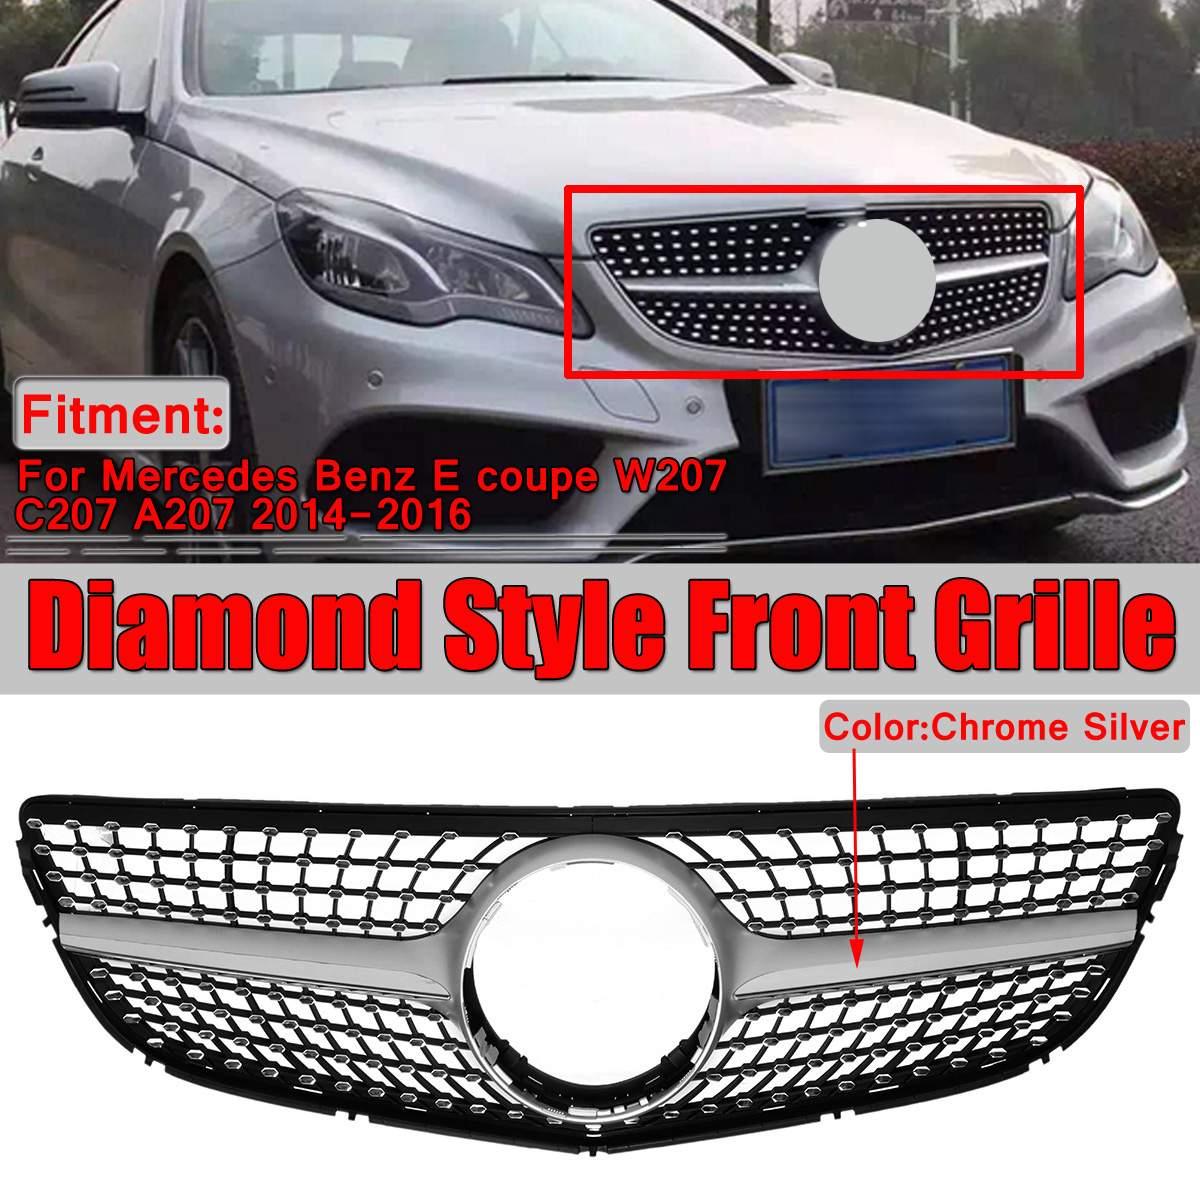 Chrome W207 C207 A207 diamant gril voiture pare-chocs avant Grille pour Mercedes pour Benz E pour Coupe W207 C207 A207 2014-2016